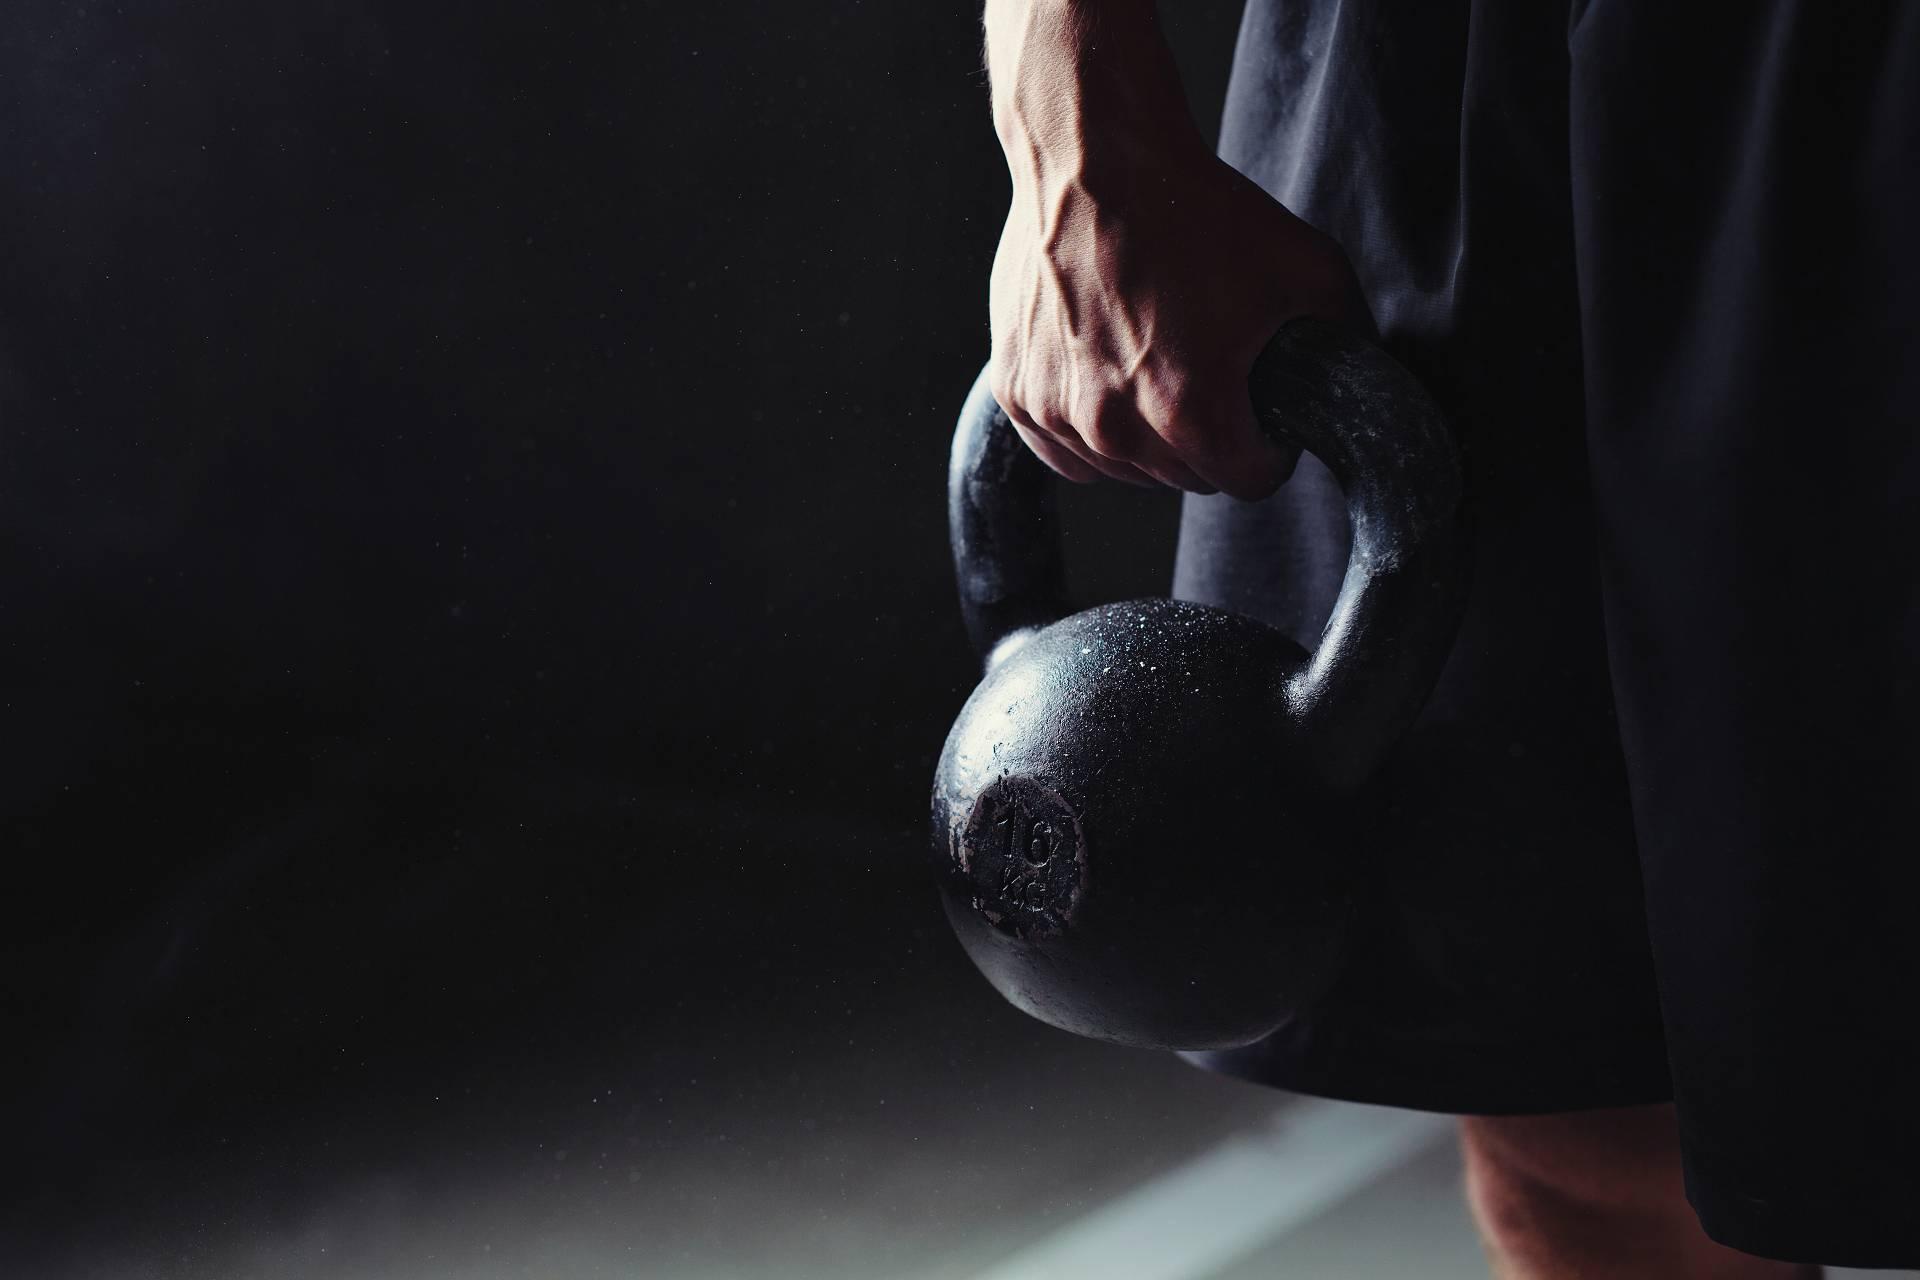 Kettlebell-Training für Bodybuilding & Powerlifting: So kannst du es sinnvoll in deine Workout-Routine integrieren!